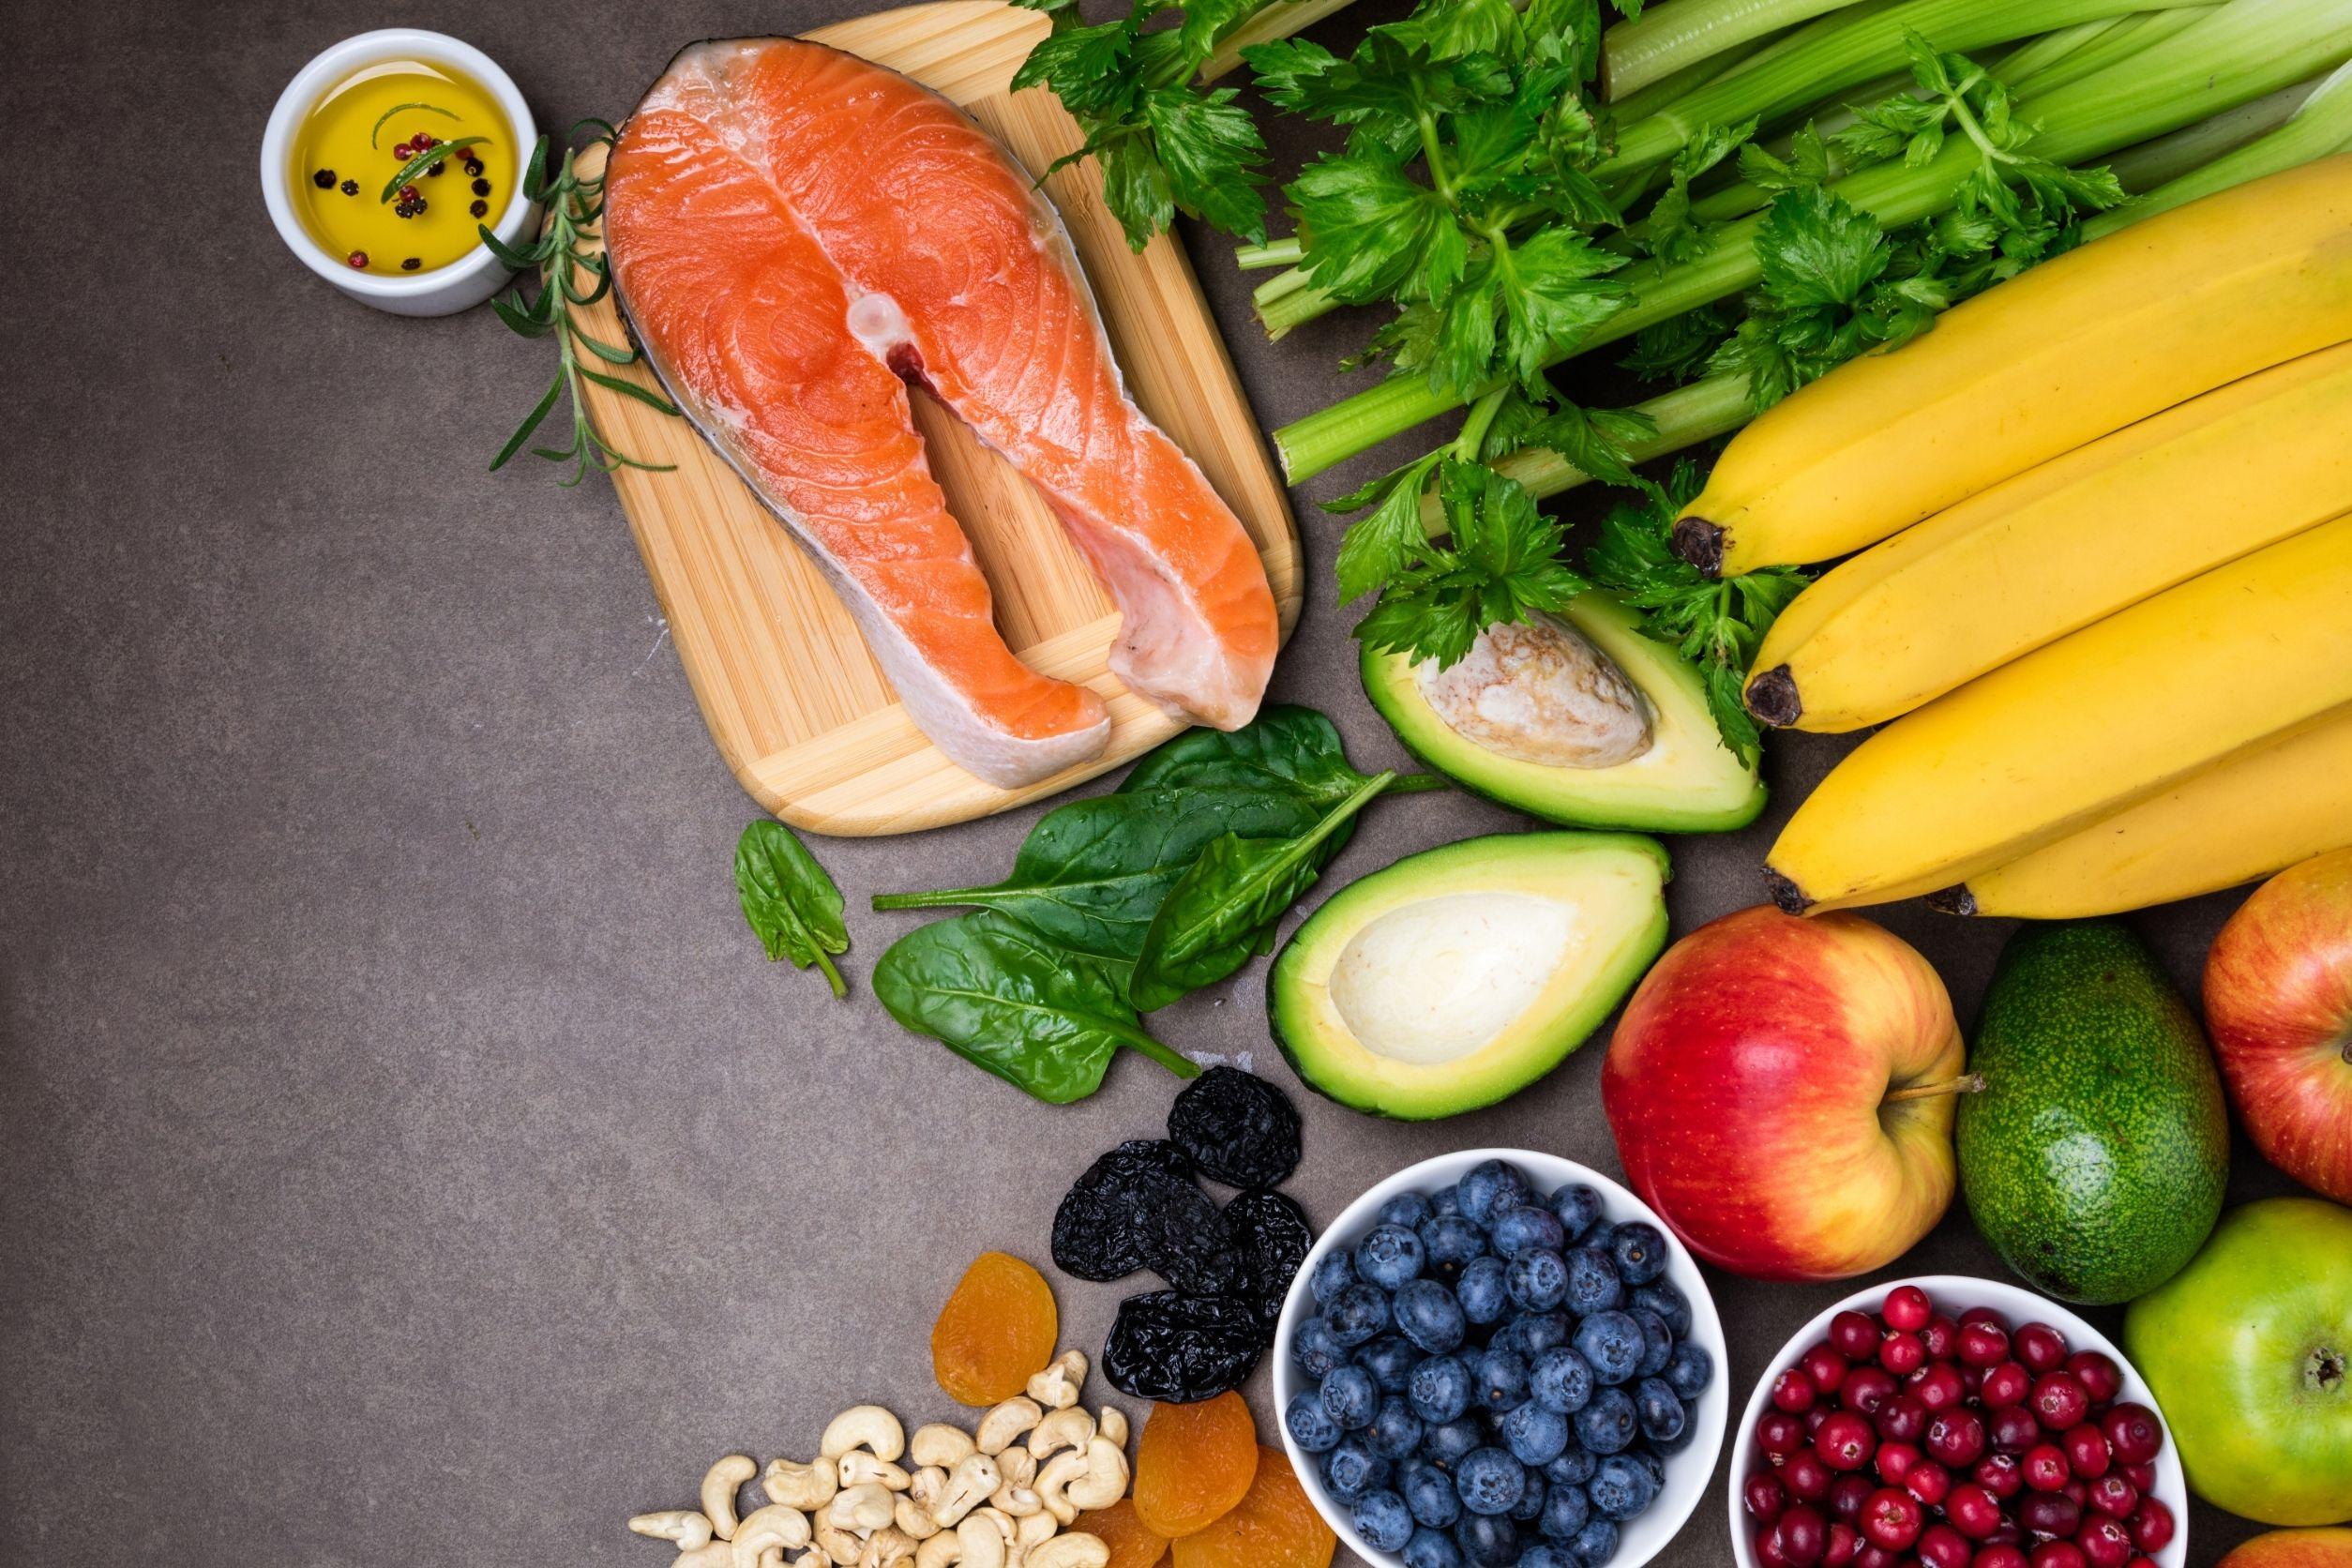 endometriosis diet that consists of healthy foods like salmon, bananas, berries, avocado, apples